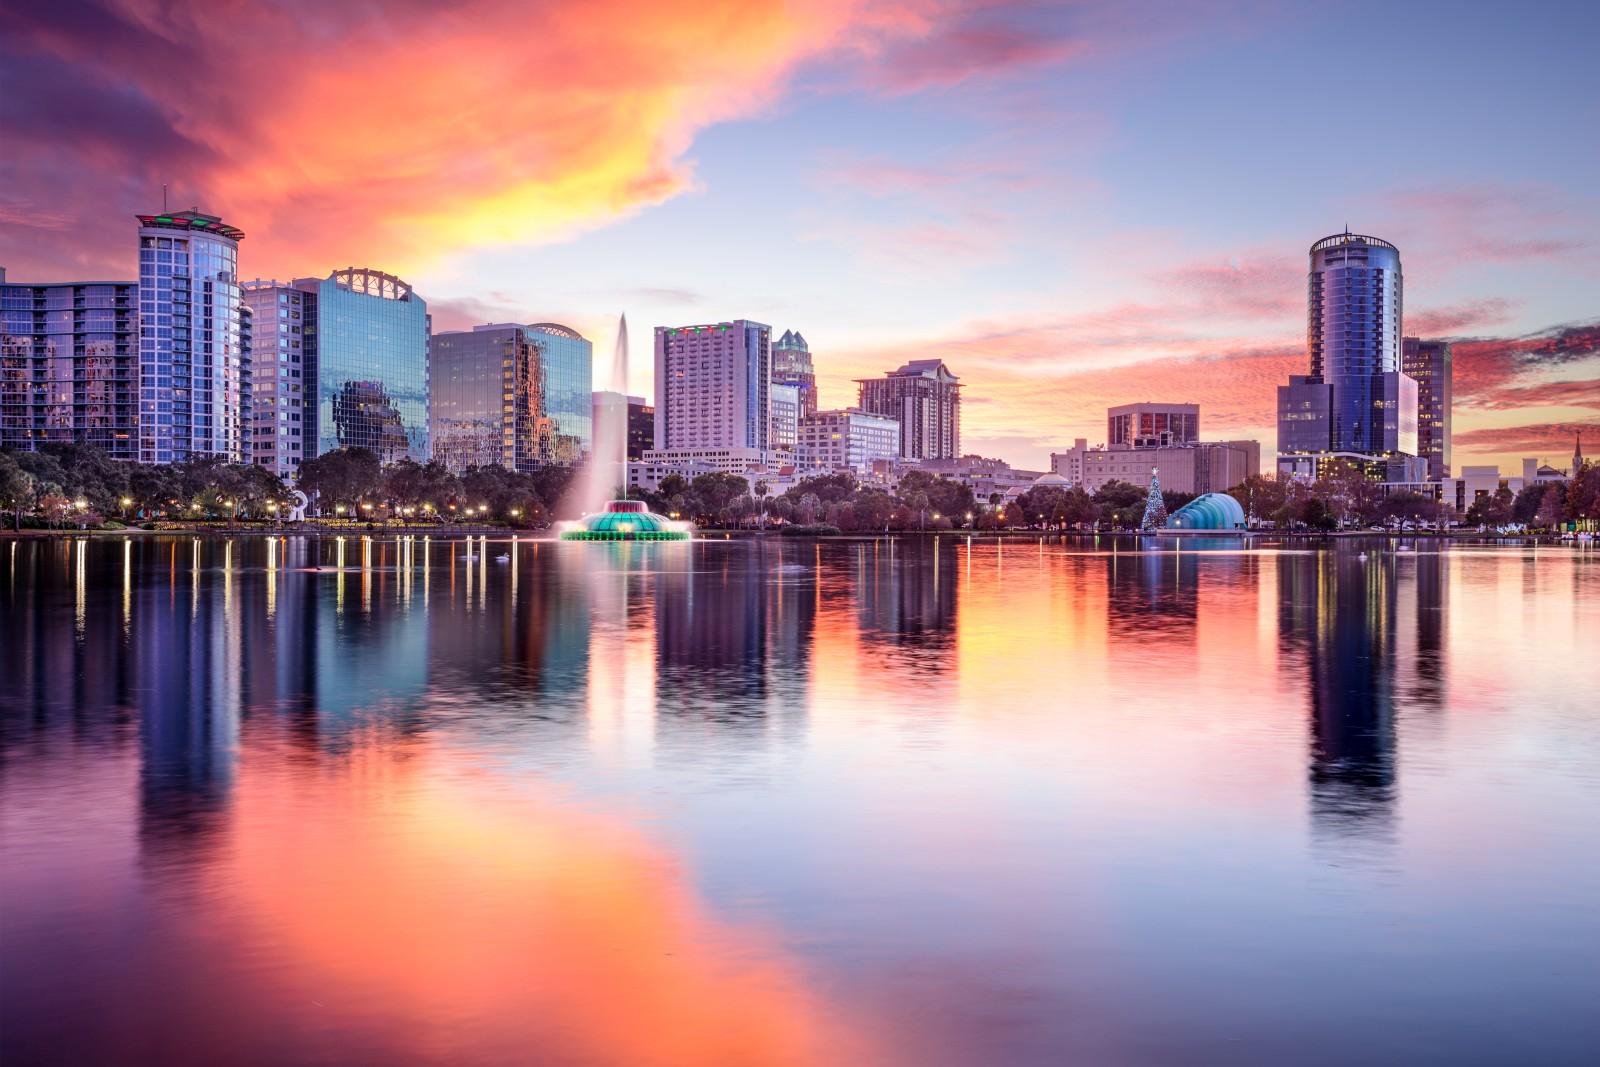 USA Sommerferien 2021 - Courtyard by Marriott in Orlando, Florida für 59€/ Nacht für die ganze Familie (4x Pers.)